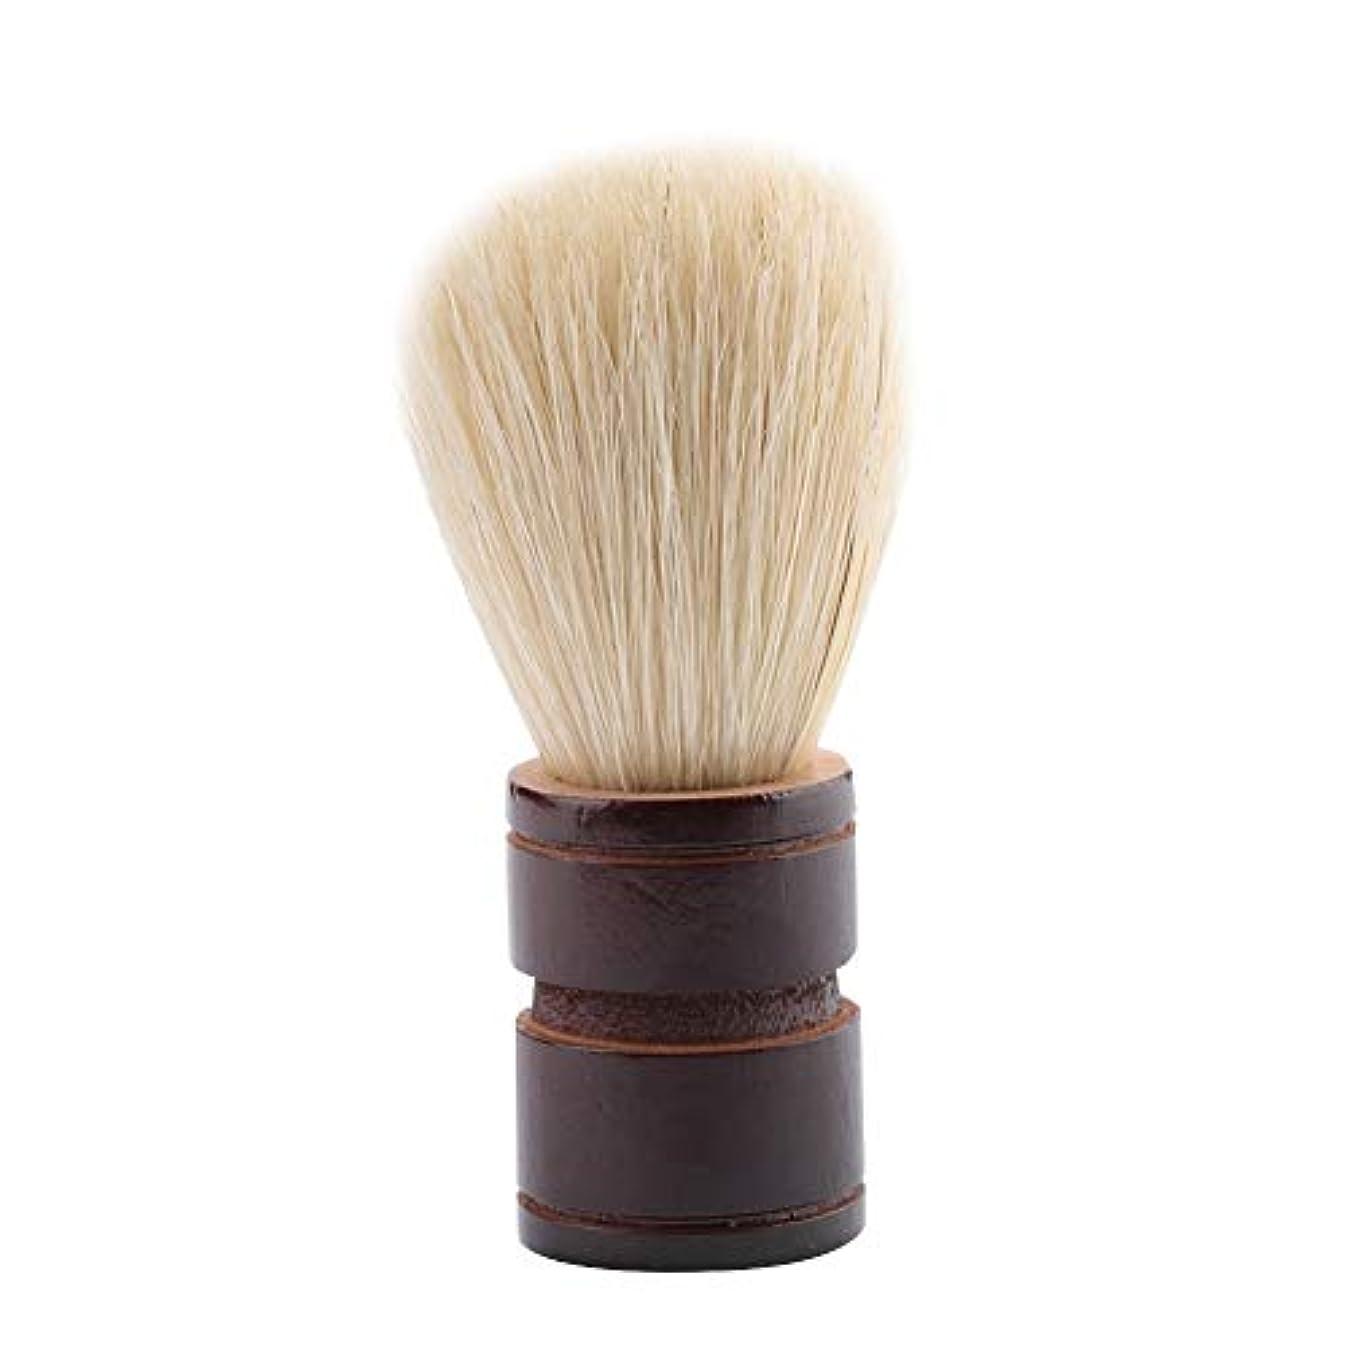 草パイプ旅Brocan サロンホーム旅行の使用のためのポータブル男性のひげブラシ木製ハンドルシェービングブラシ(ウッド+絵筆)